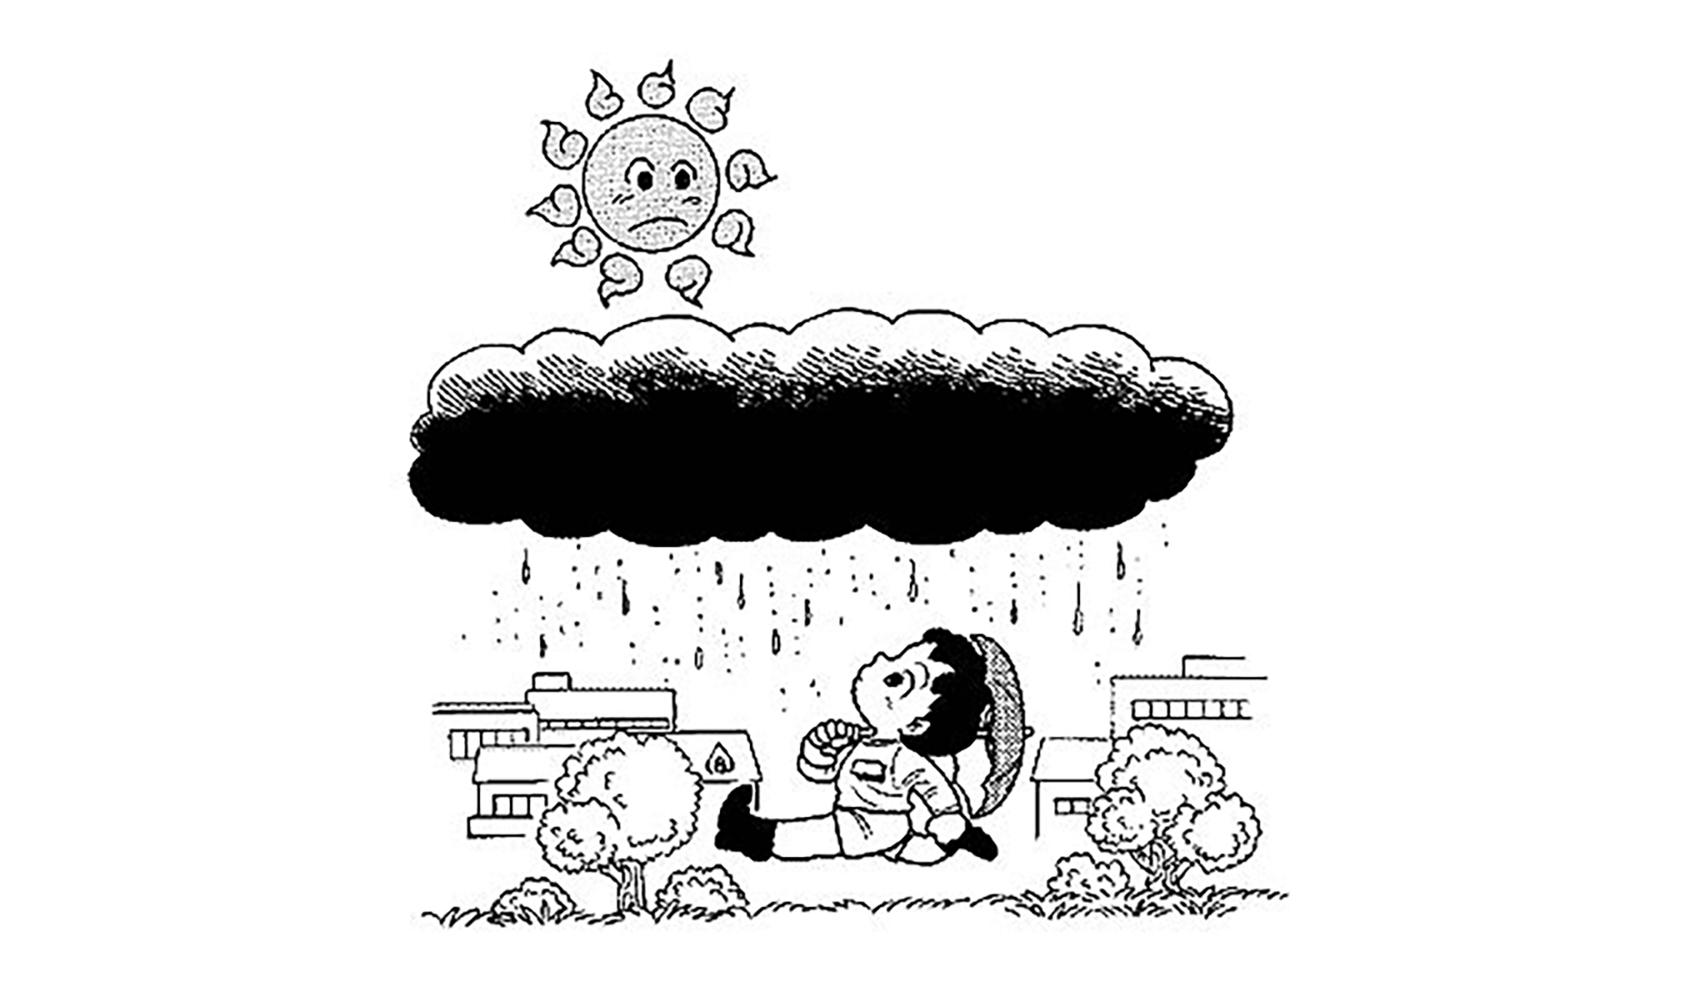 雨がふるときどうして雲が黒くなるの